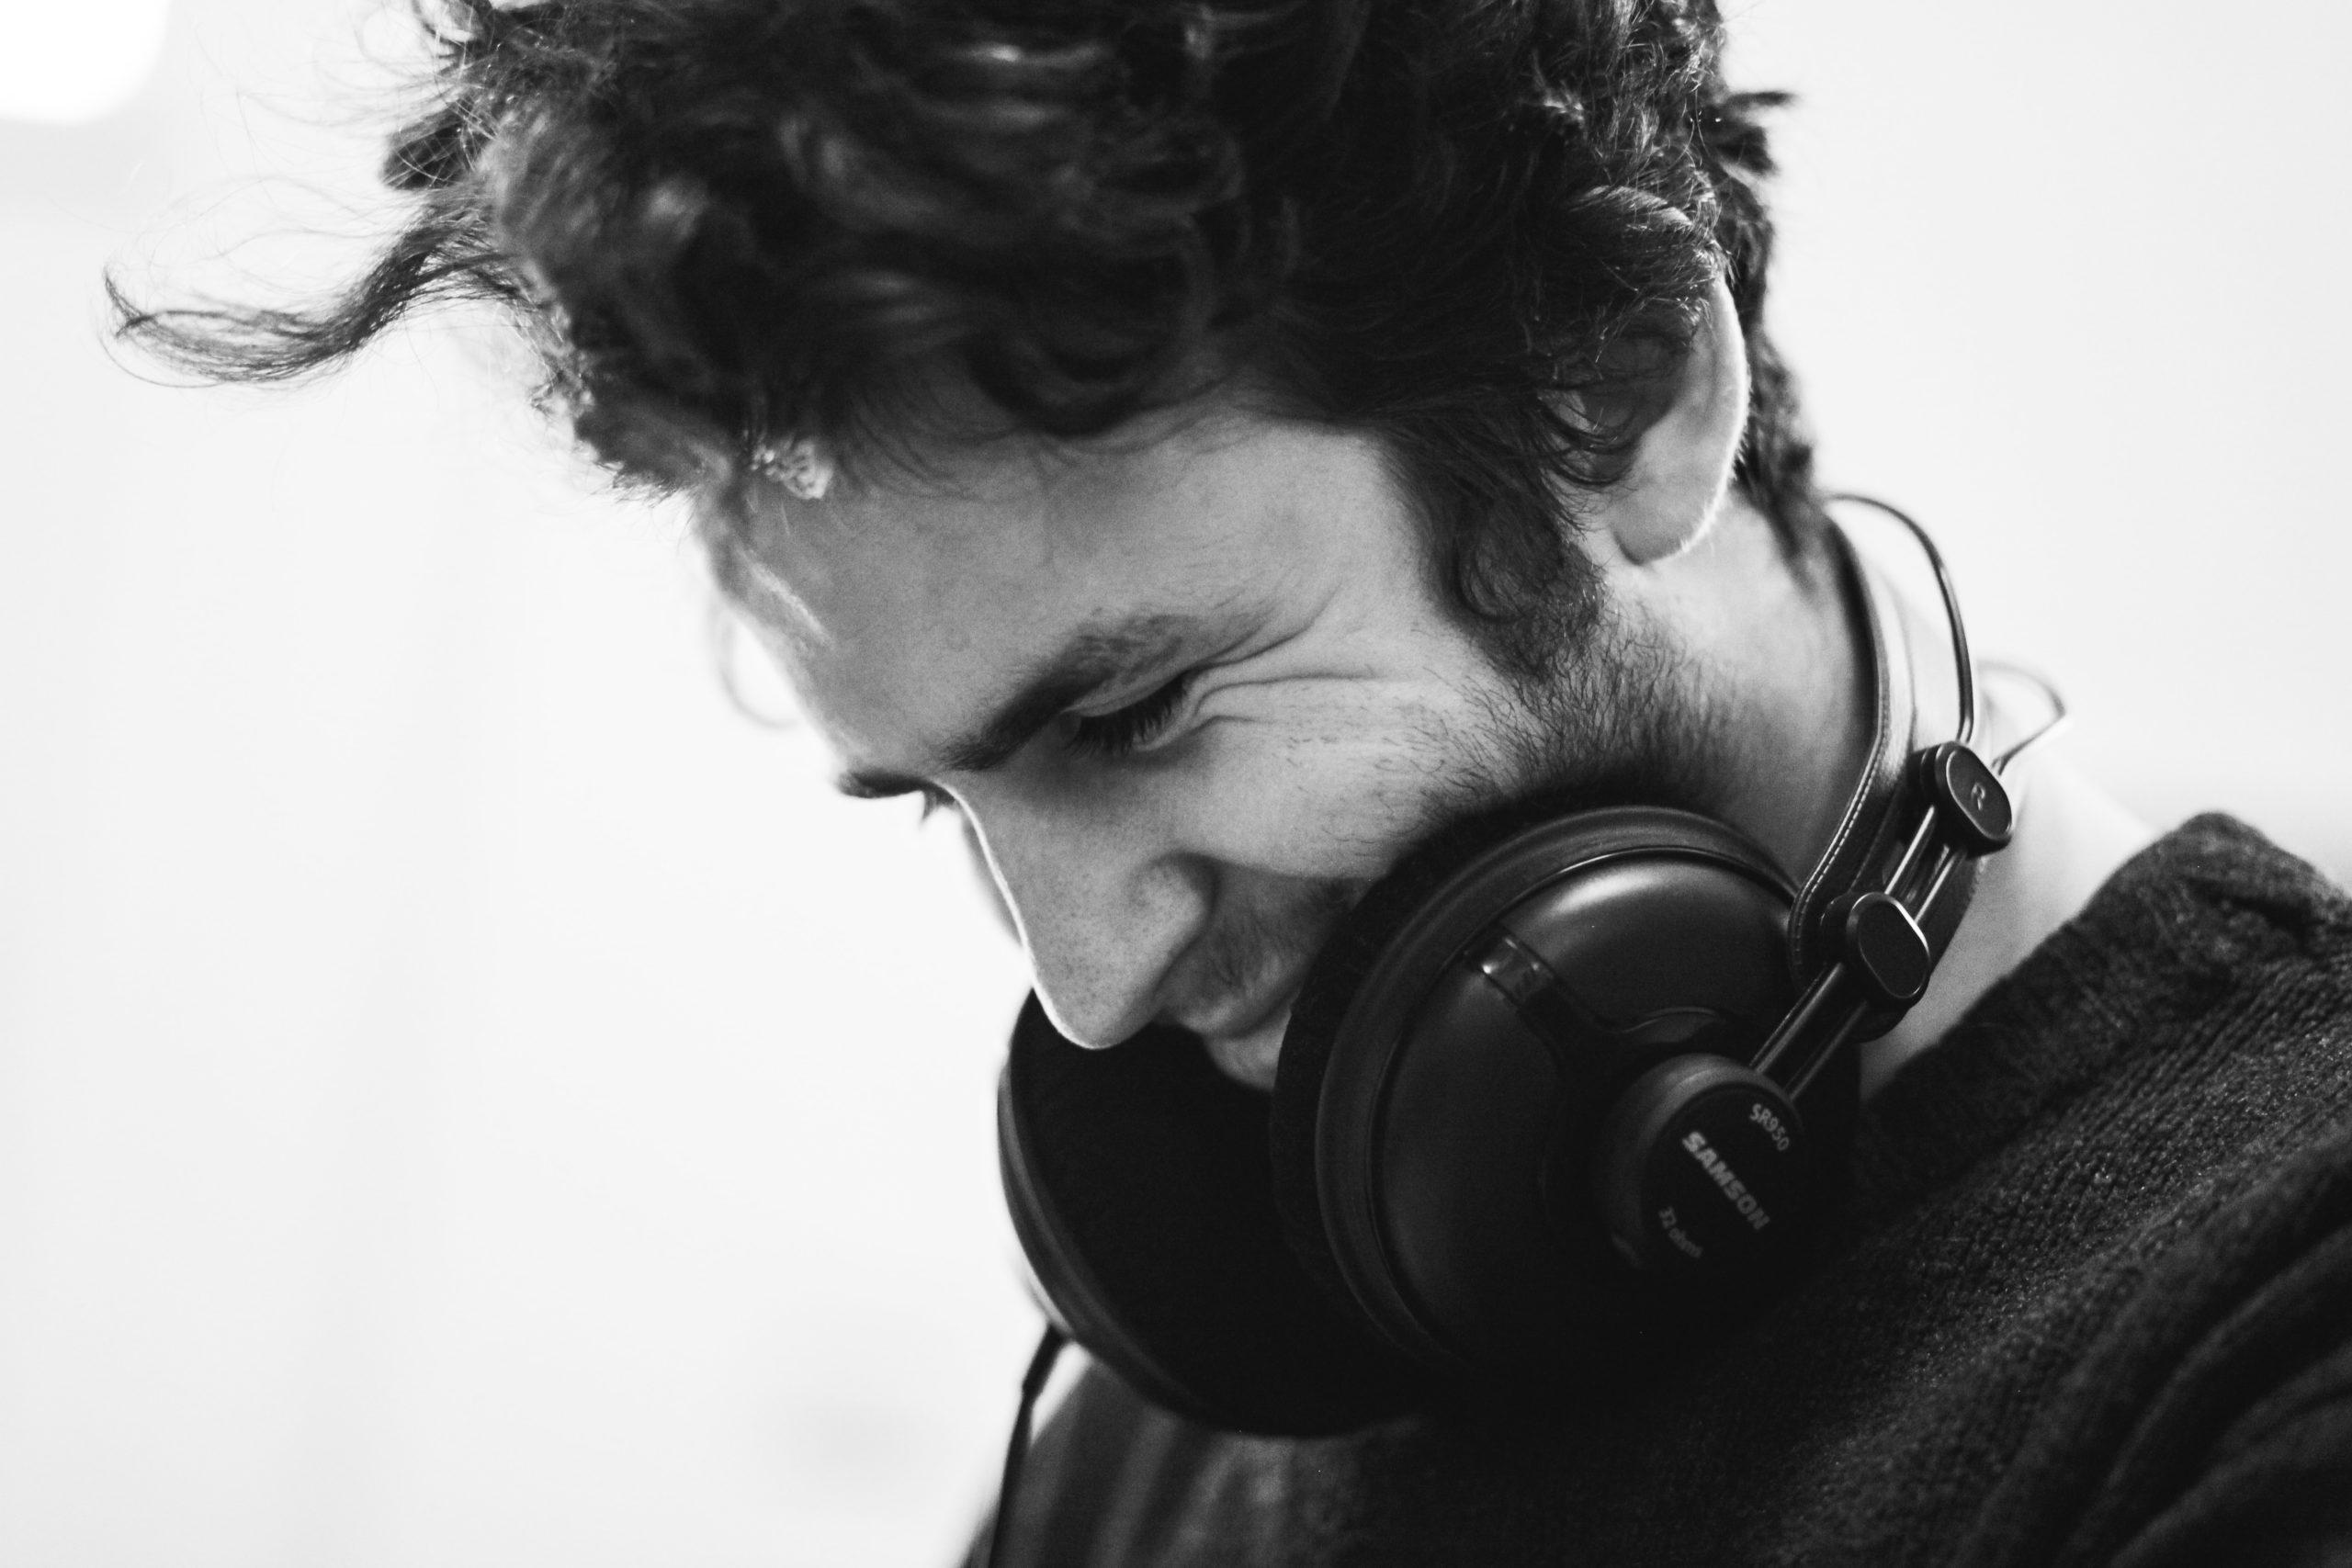 Image of Man smiling wearing headphones